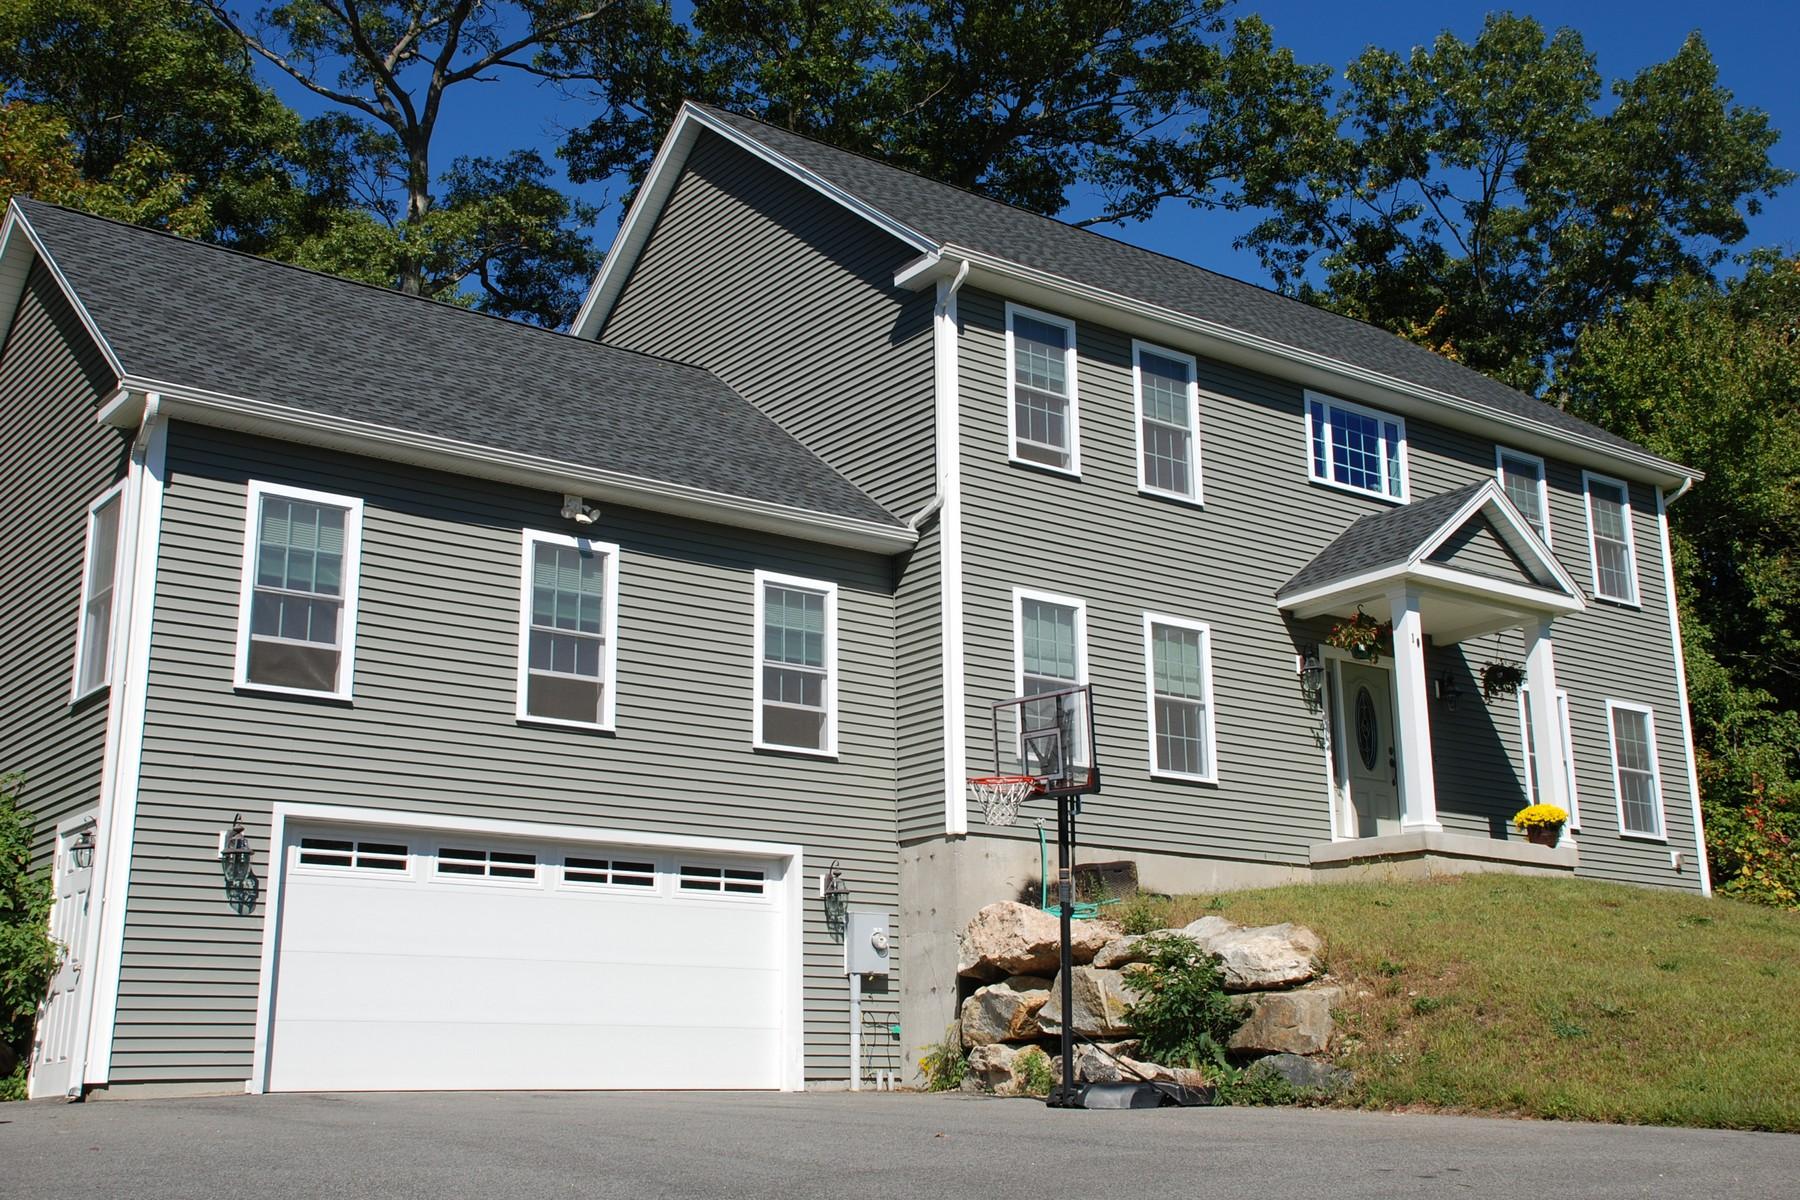 Einfamilienhaus für Verkauf beim Well Designed Custom Colonial in Falls River Farms 10 Foster Ln Essex, Connecticut, 06442 Vereinigte Staaten